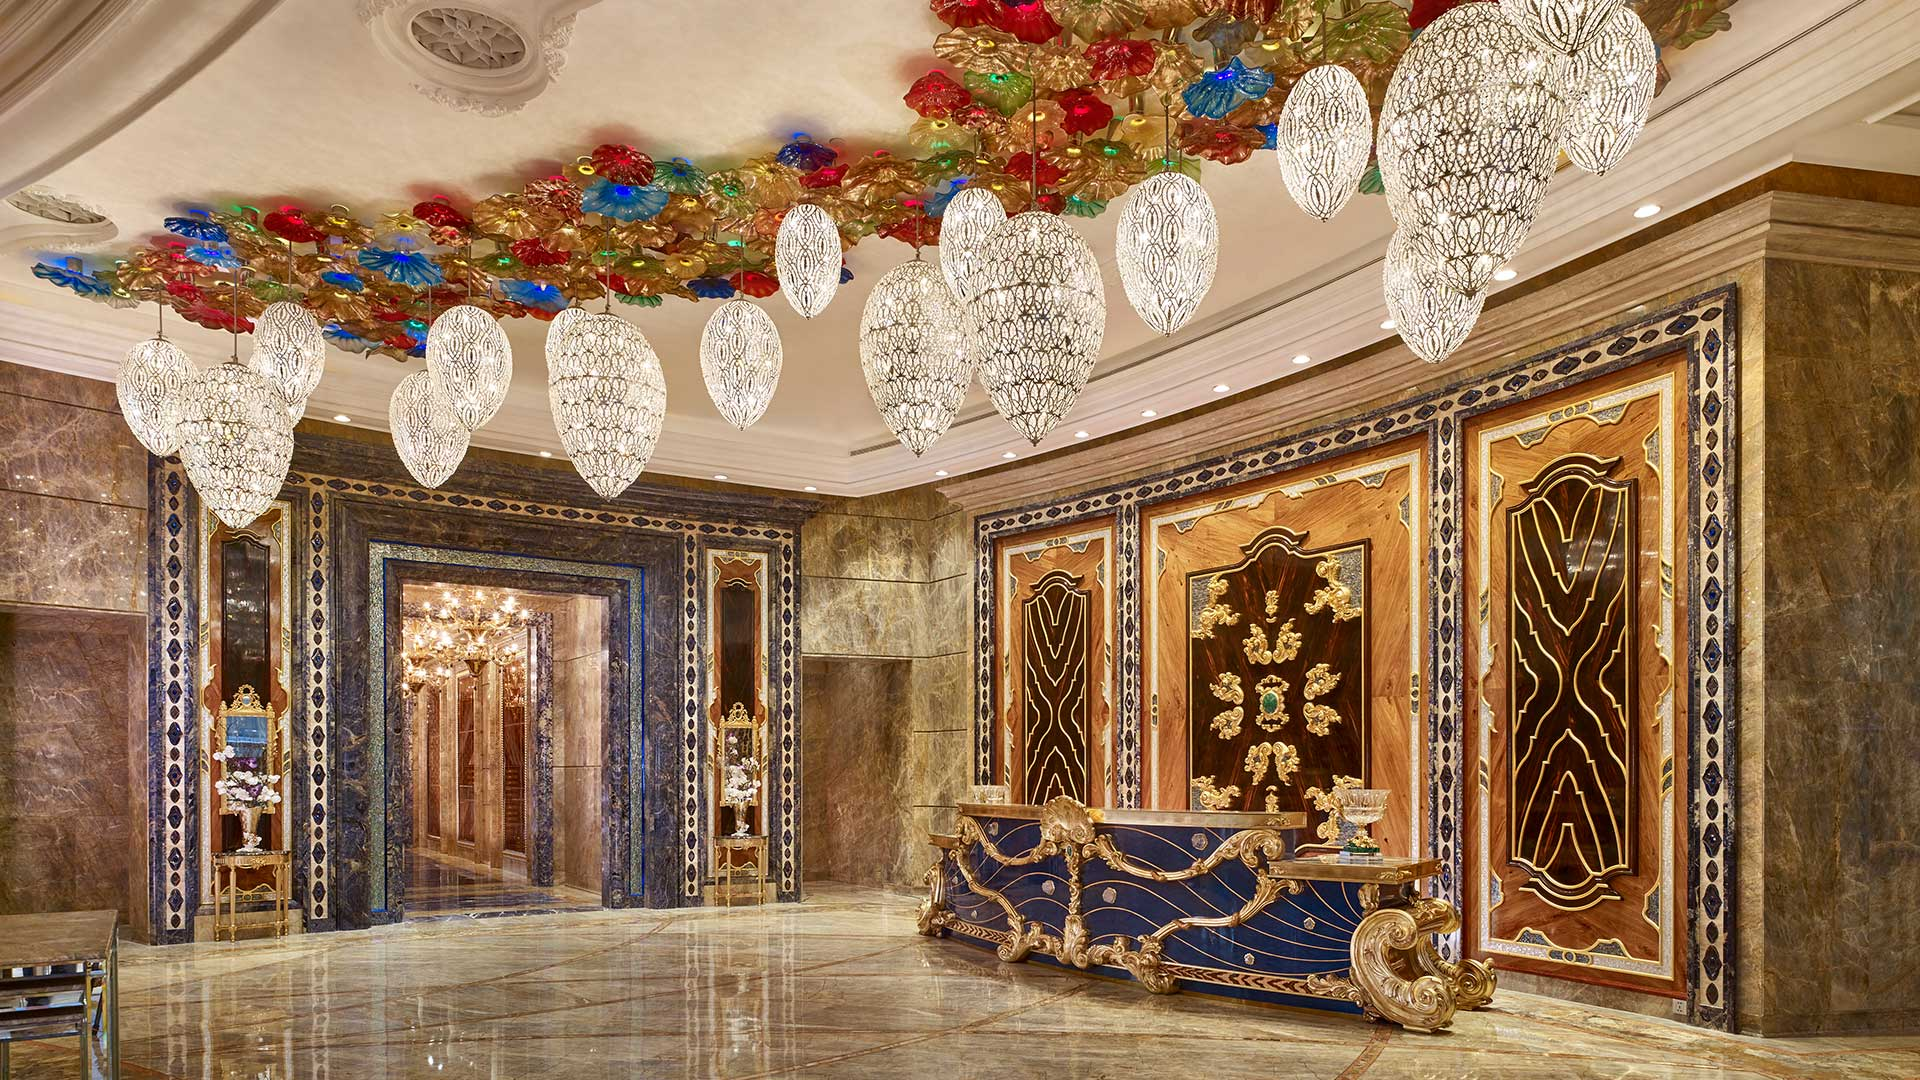 The Reverie Saigon, o número 4 entre os 50 Melhores Hotéis do Mundo